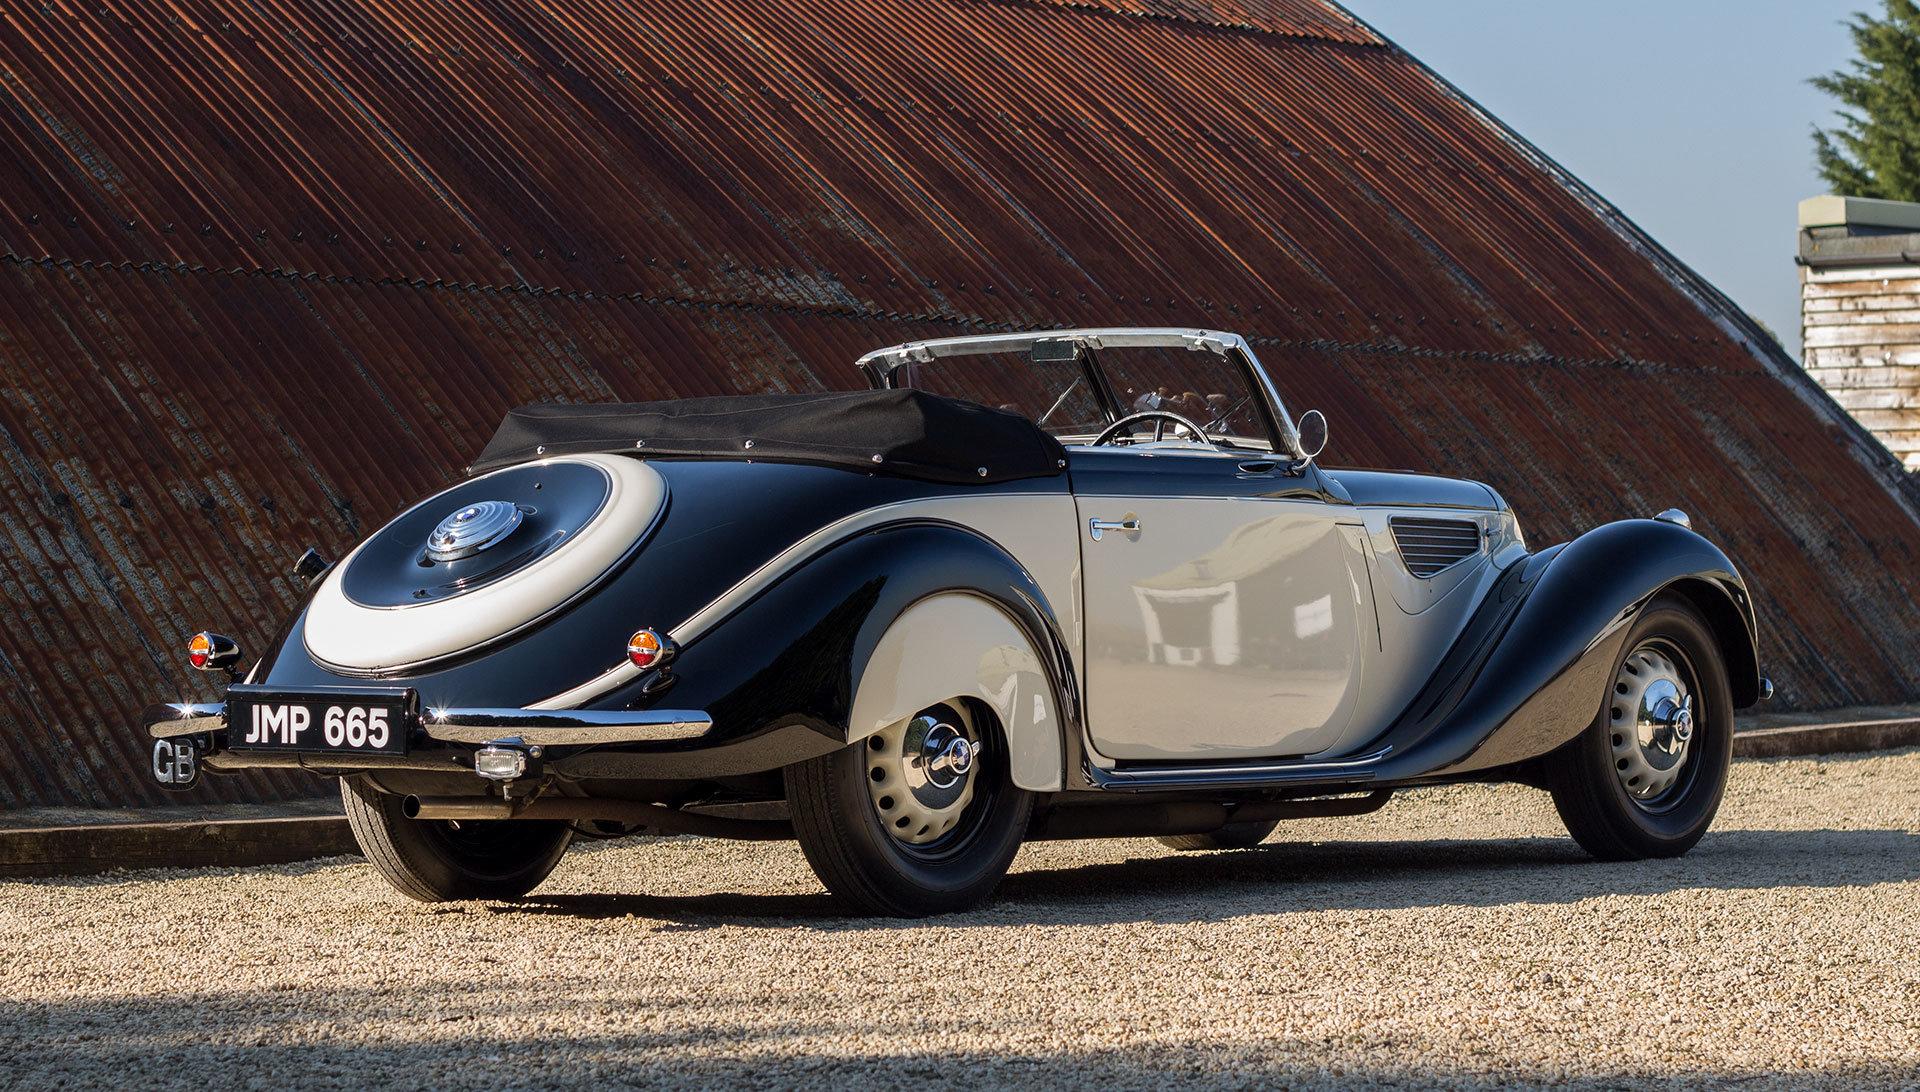 1938 Frazer Nash BMW 327/80 - Original Road Test Car For Sale (picture 2 of 6)